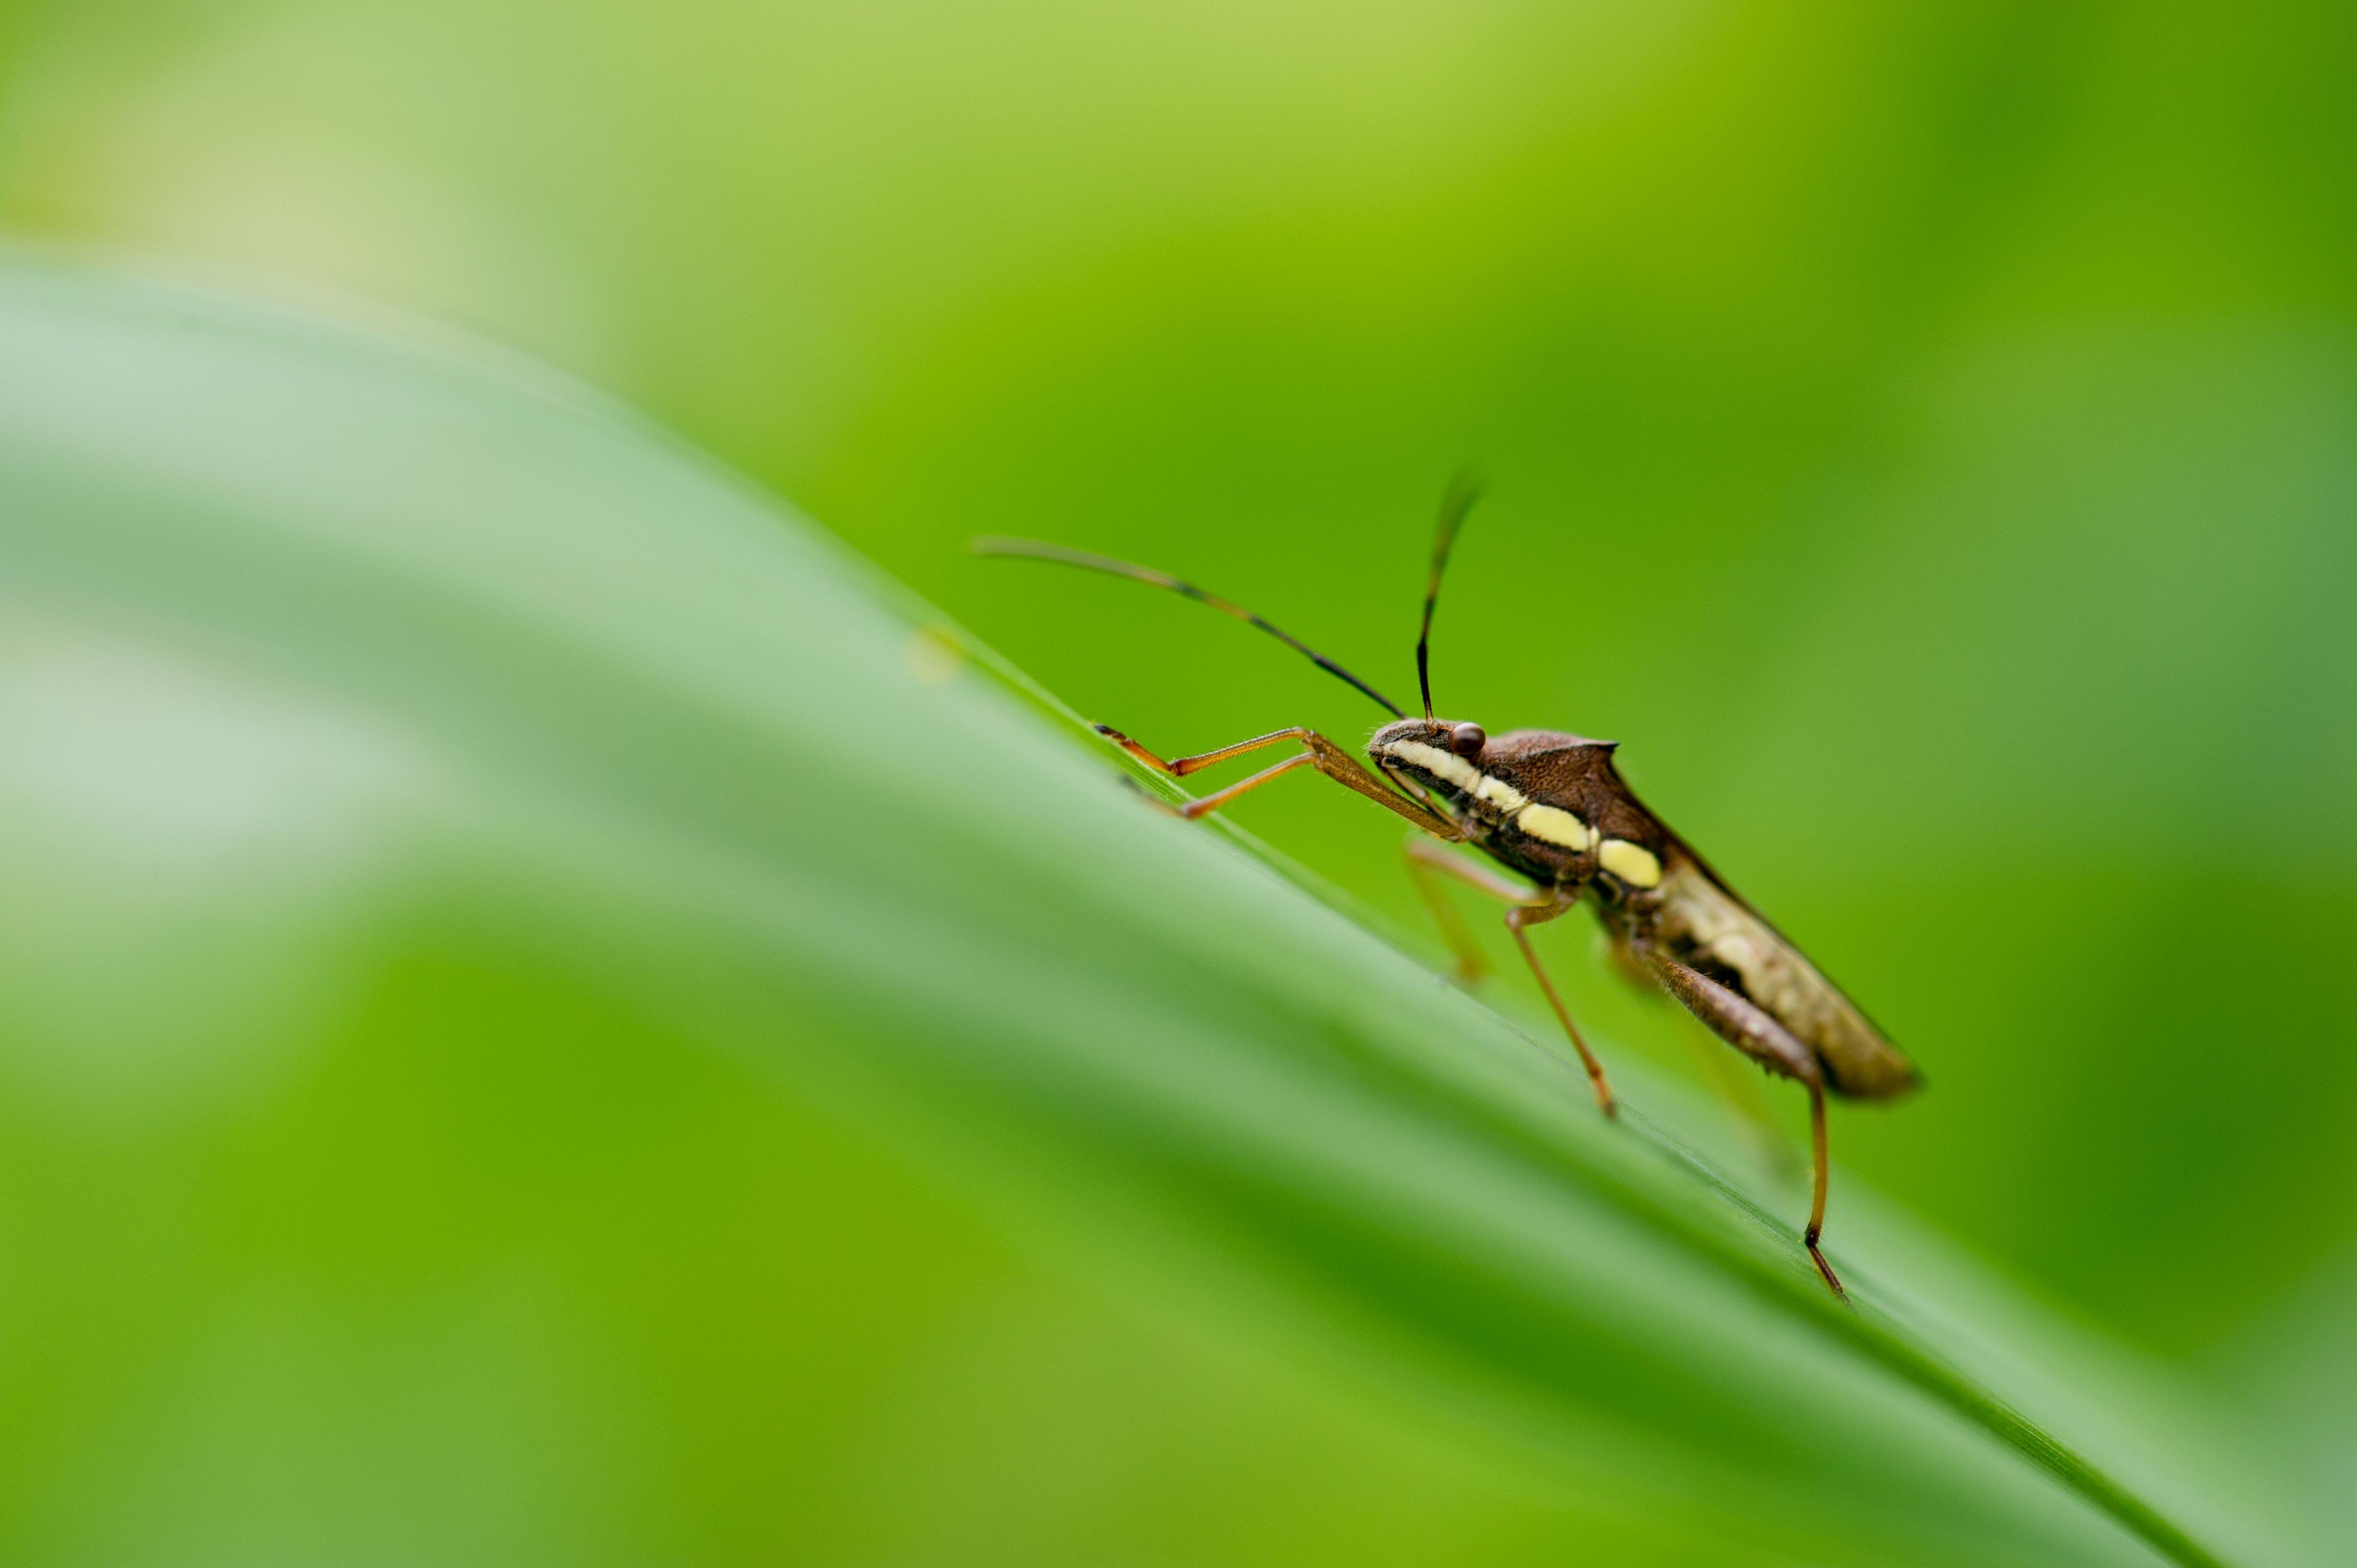 キスジホソヘリカメムシの写真